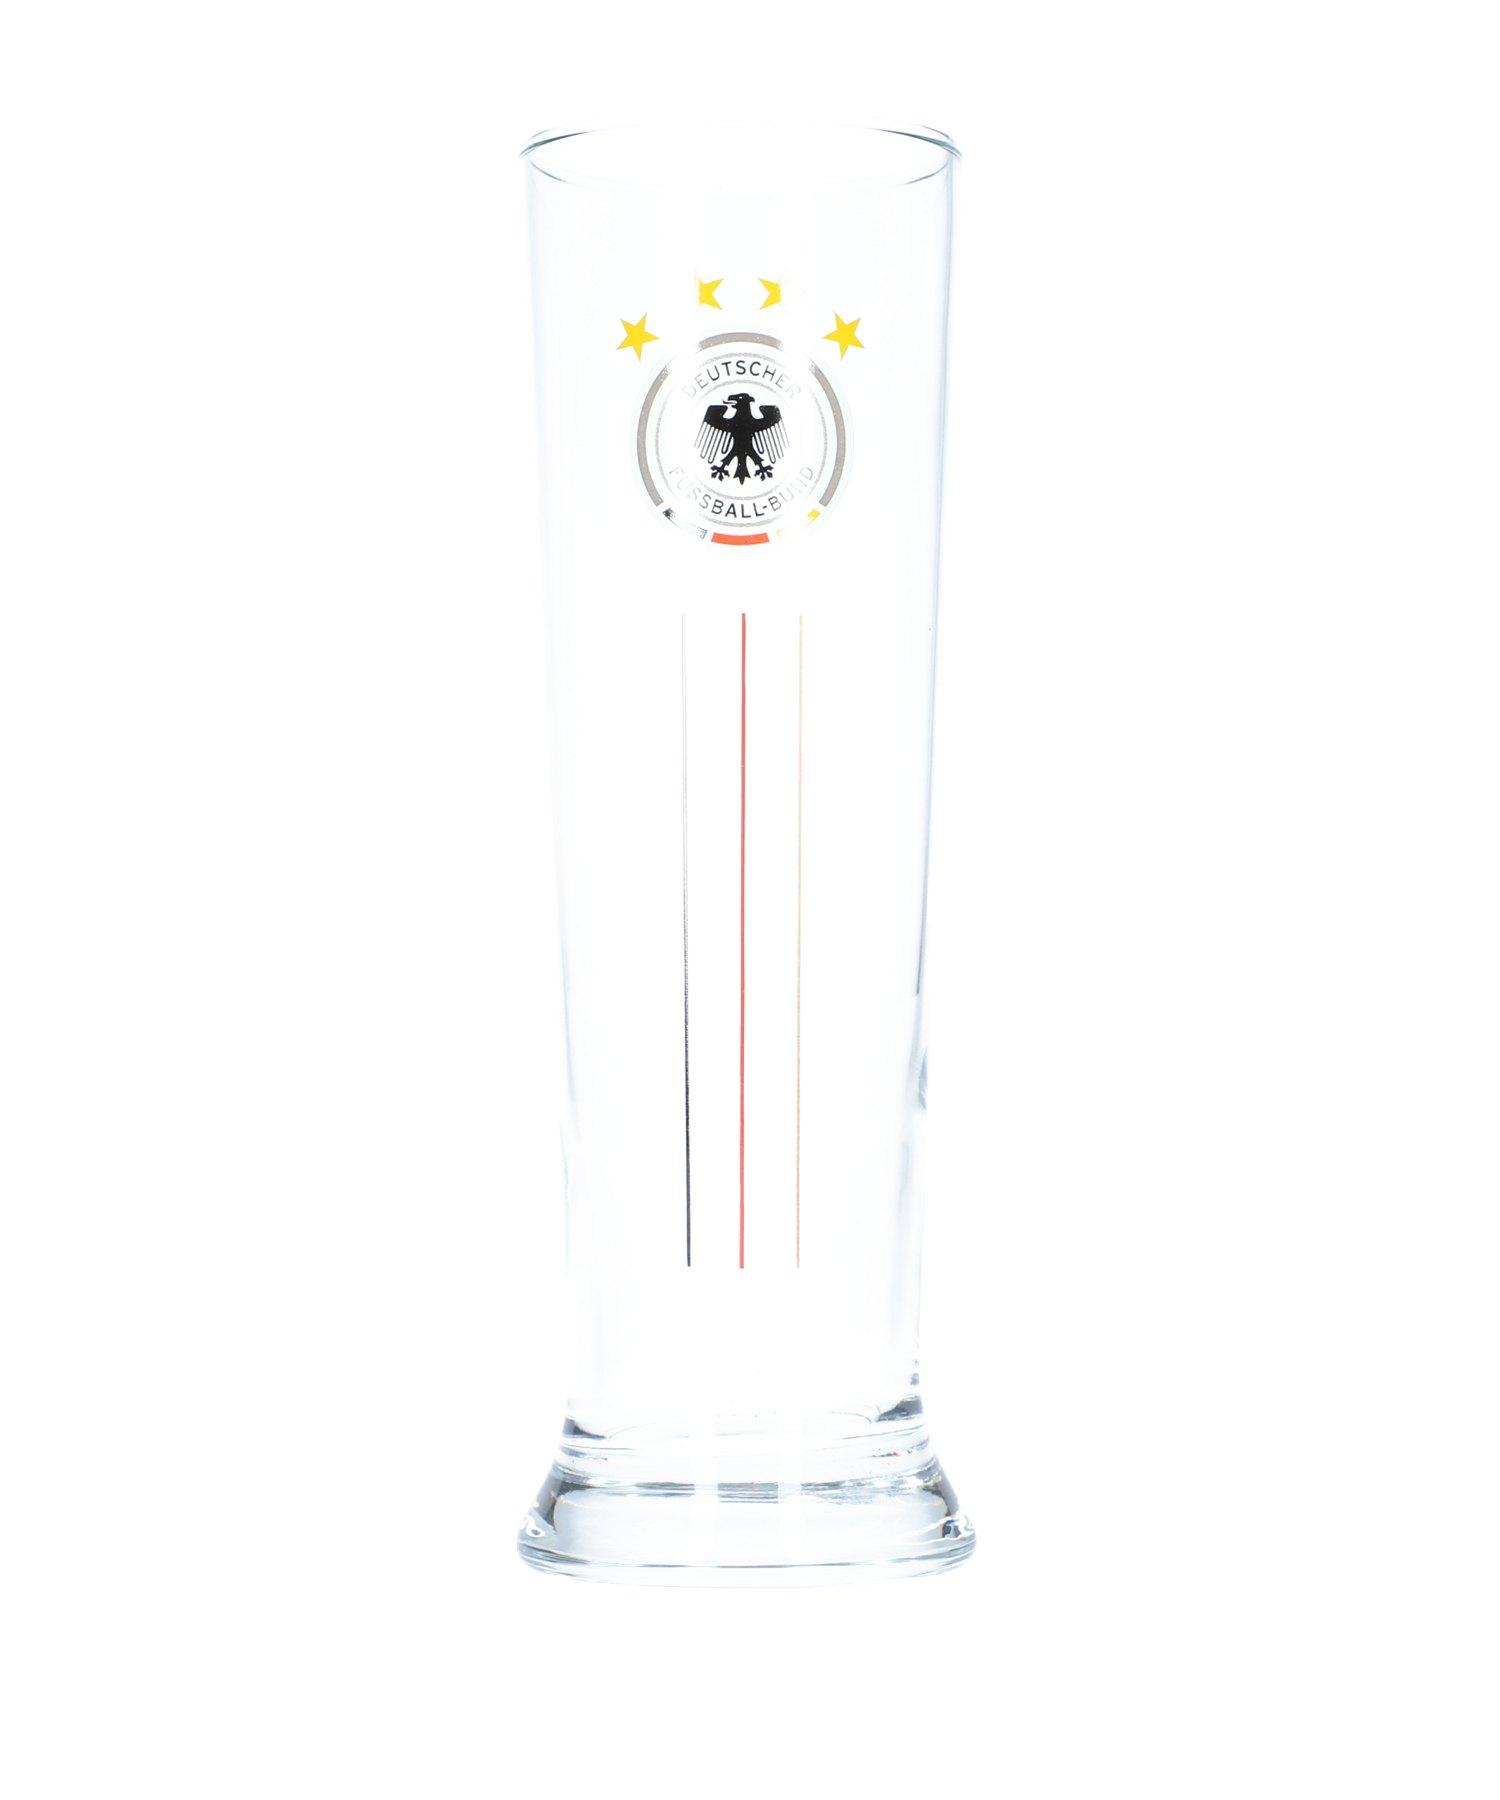 DFB Deutschland 2er Set Weizenbierglas Weiss - Weiss